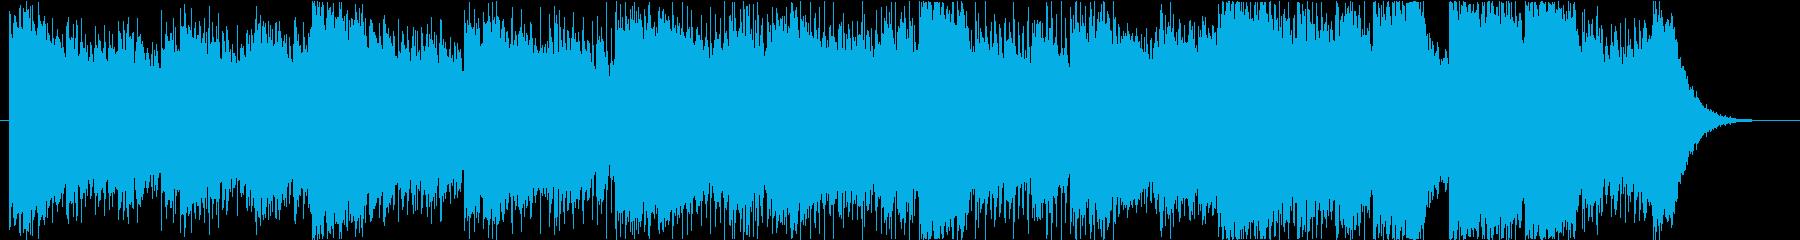 怪しくゆったり幻想的なシンセサウンドの再生済みの波形